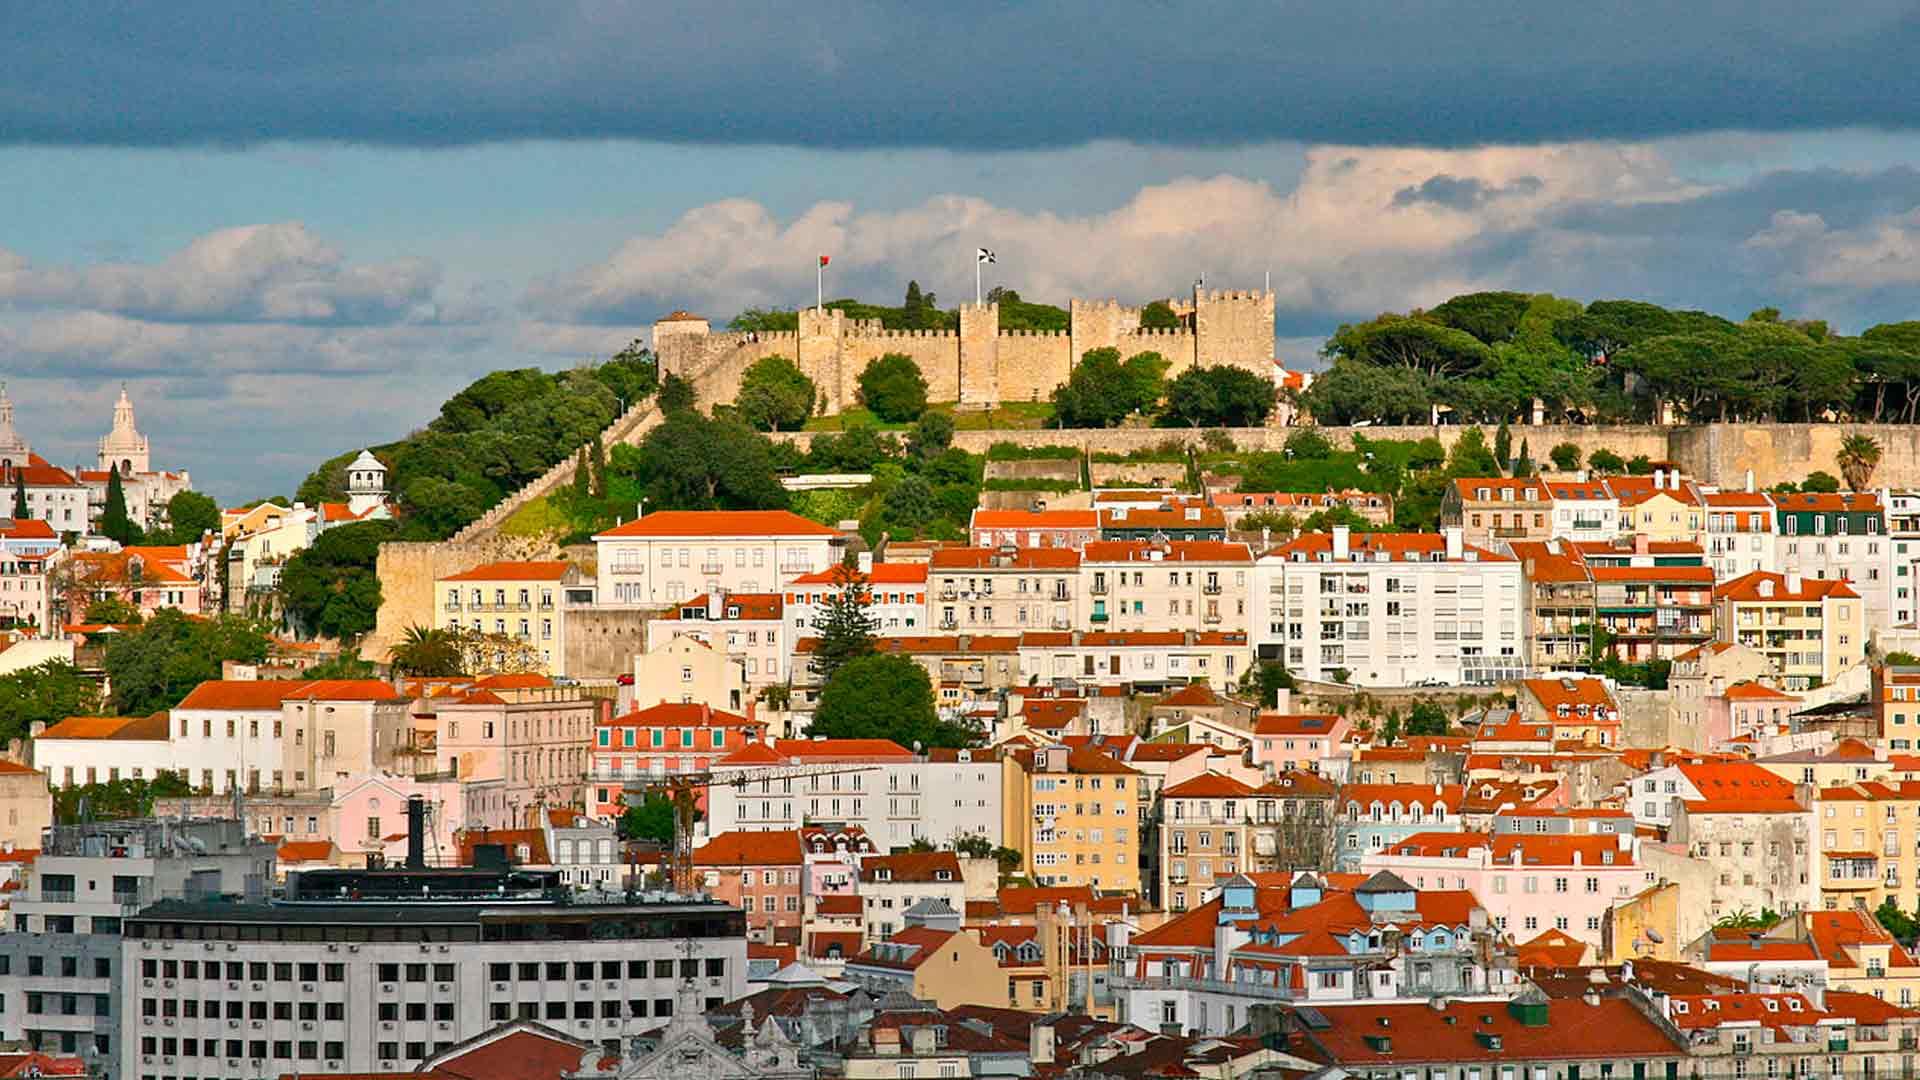 O Castelo de São Jorge é um dos locais a se visitar na hora de decidir o que fazer em Lisboa